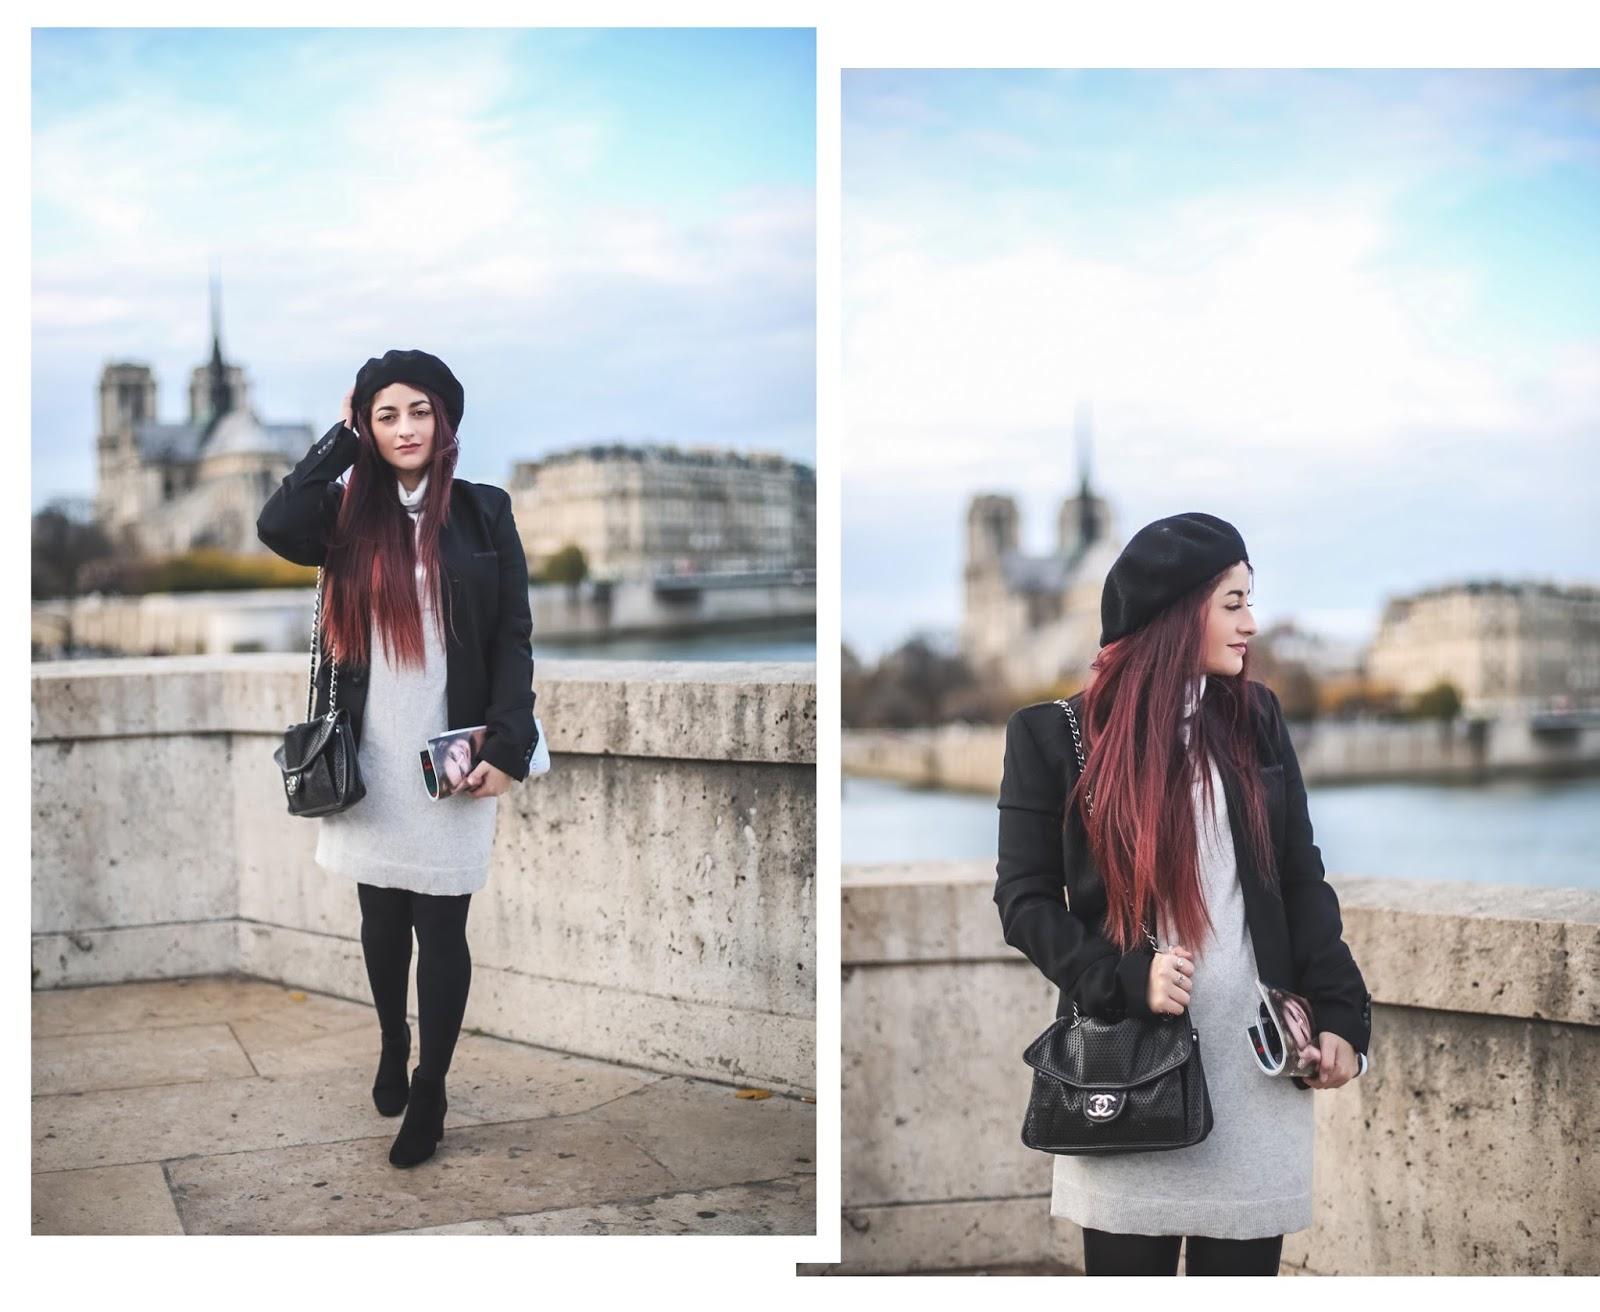 sac Chanel blog mode